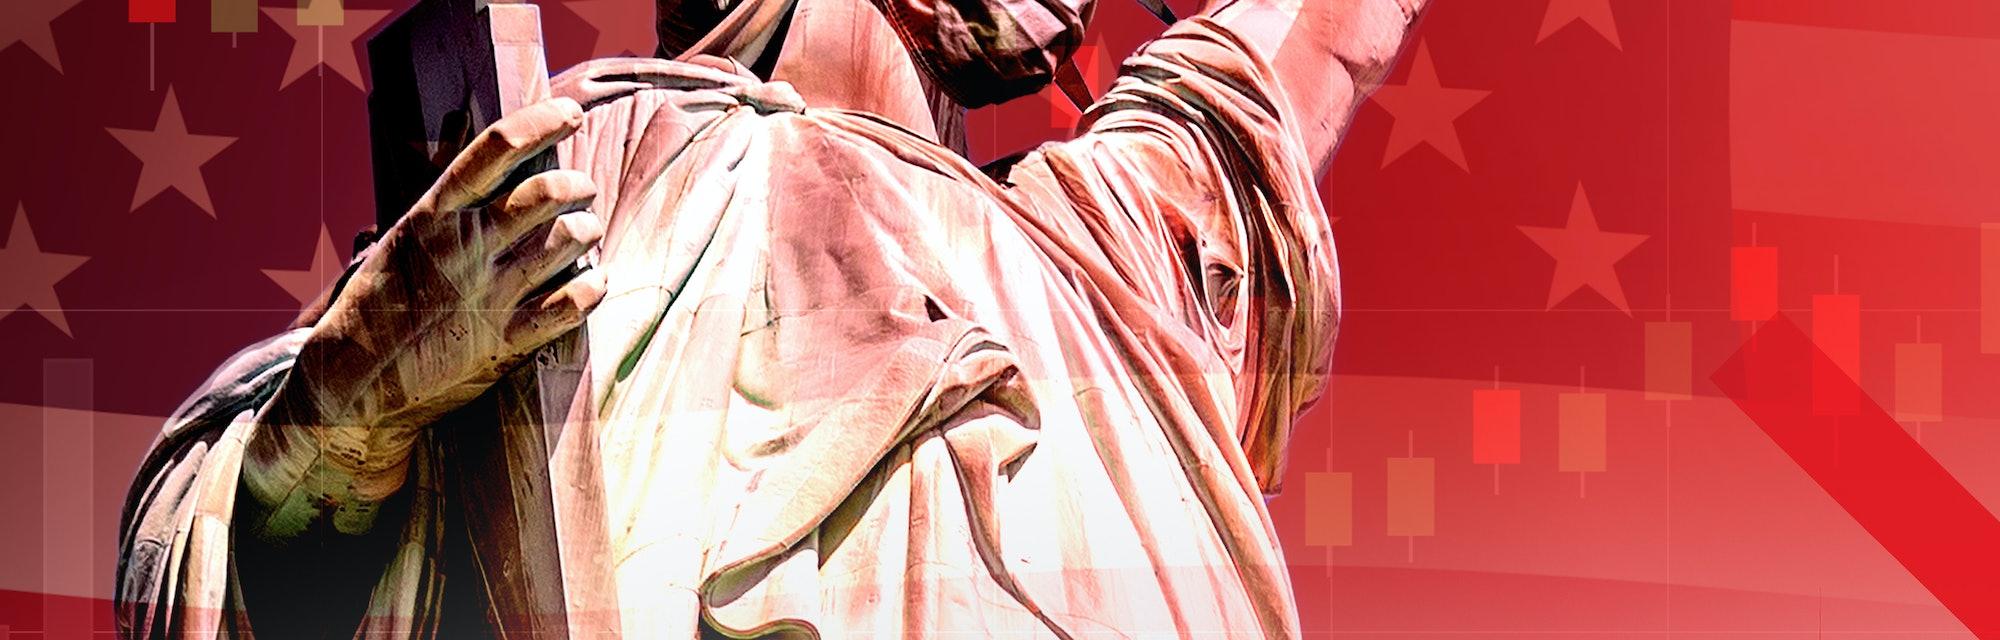 United States, statue of liberty, coronavirus